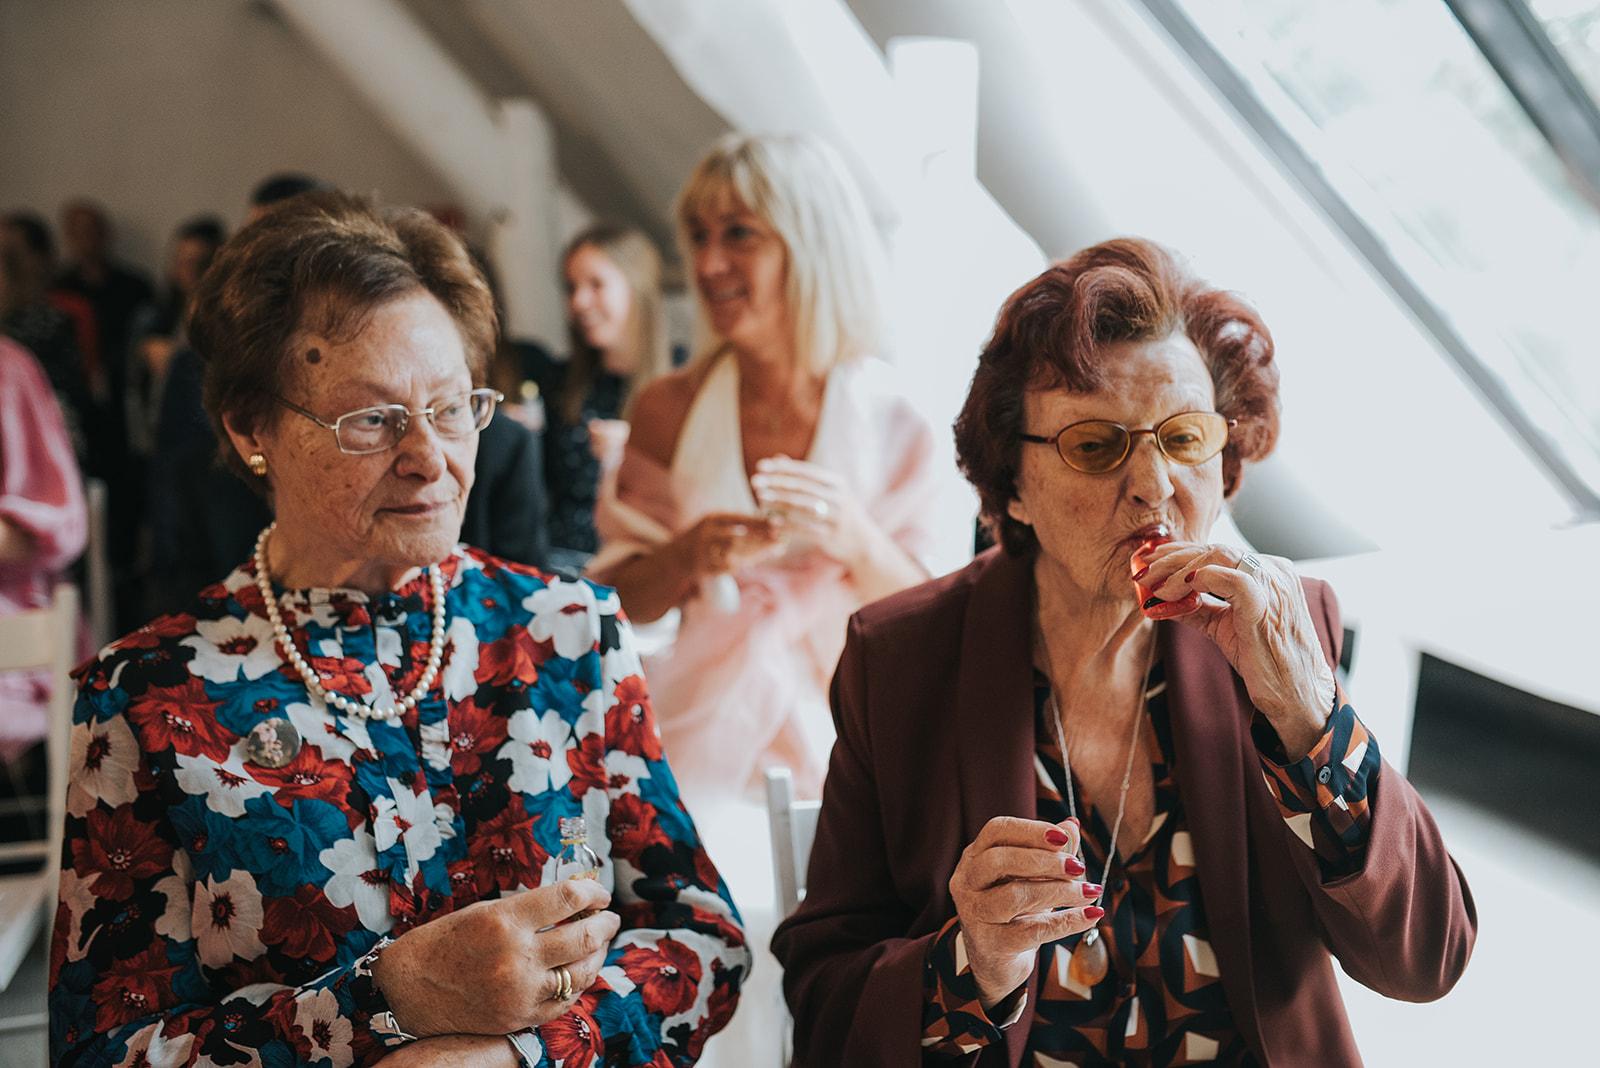 Maxime en Stijn authentieke persoonlijke ceremonie interactiev ritueel gasten flugel shotje drinken